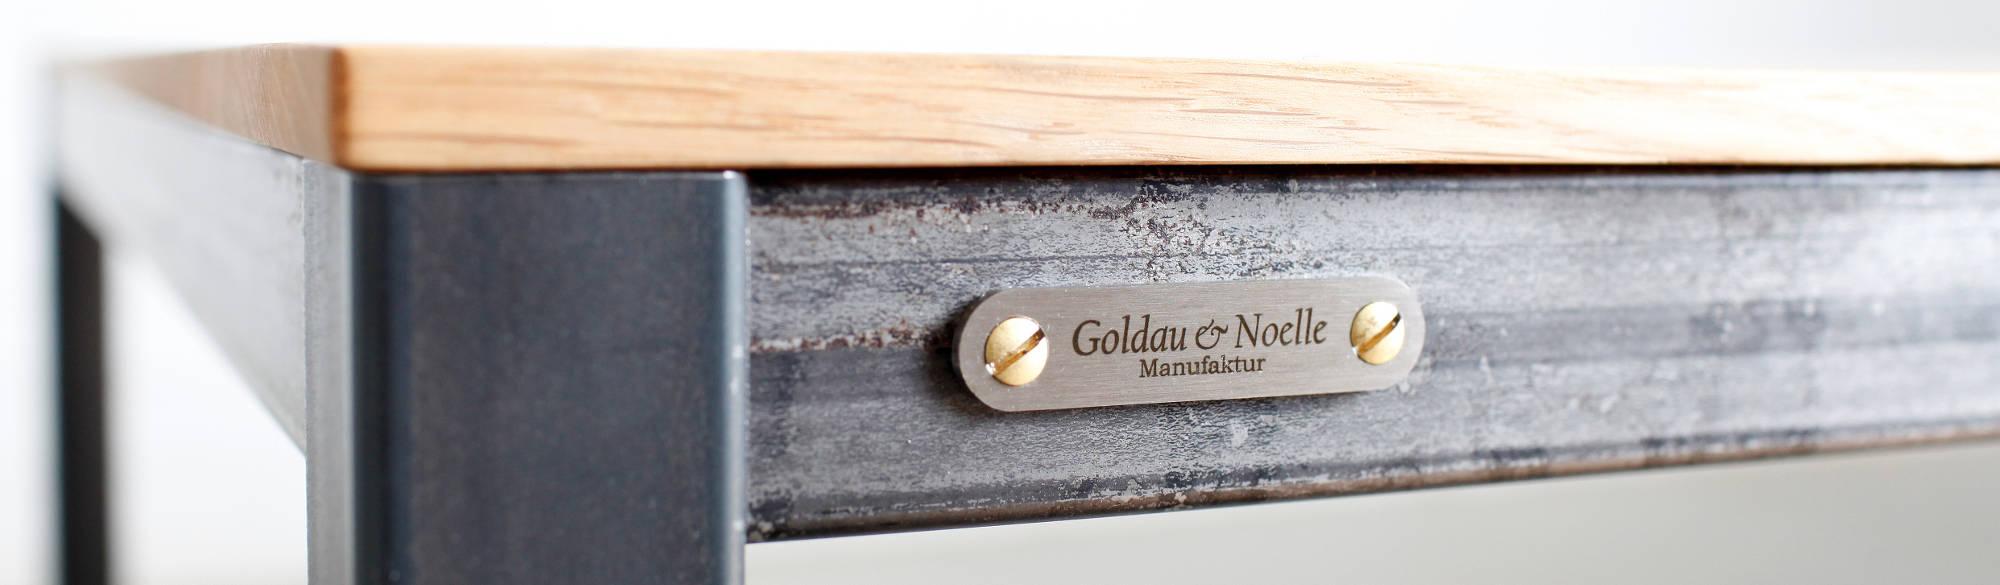 Goldau & Noelle Möbelmanufaktur